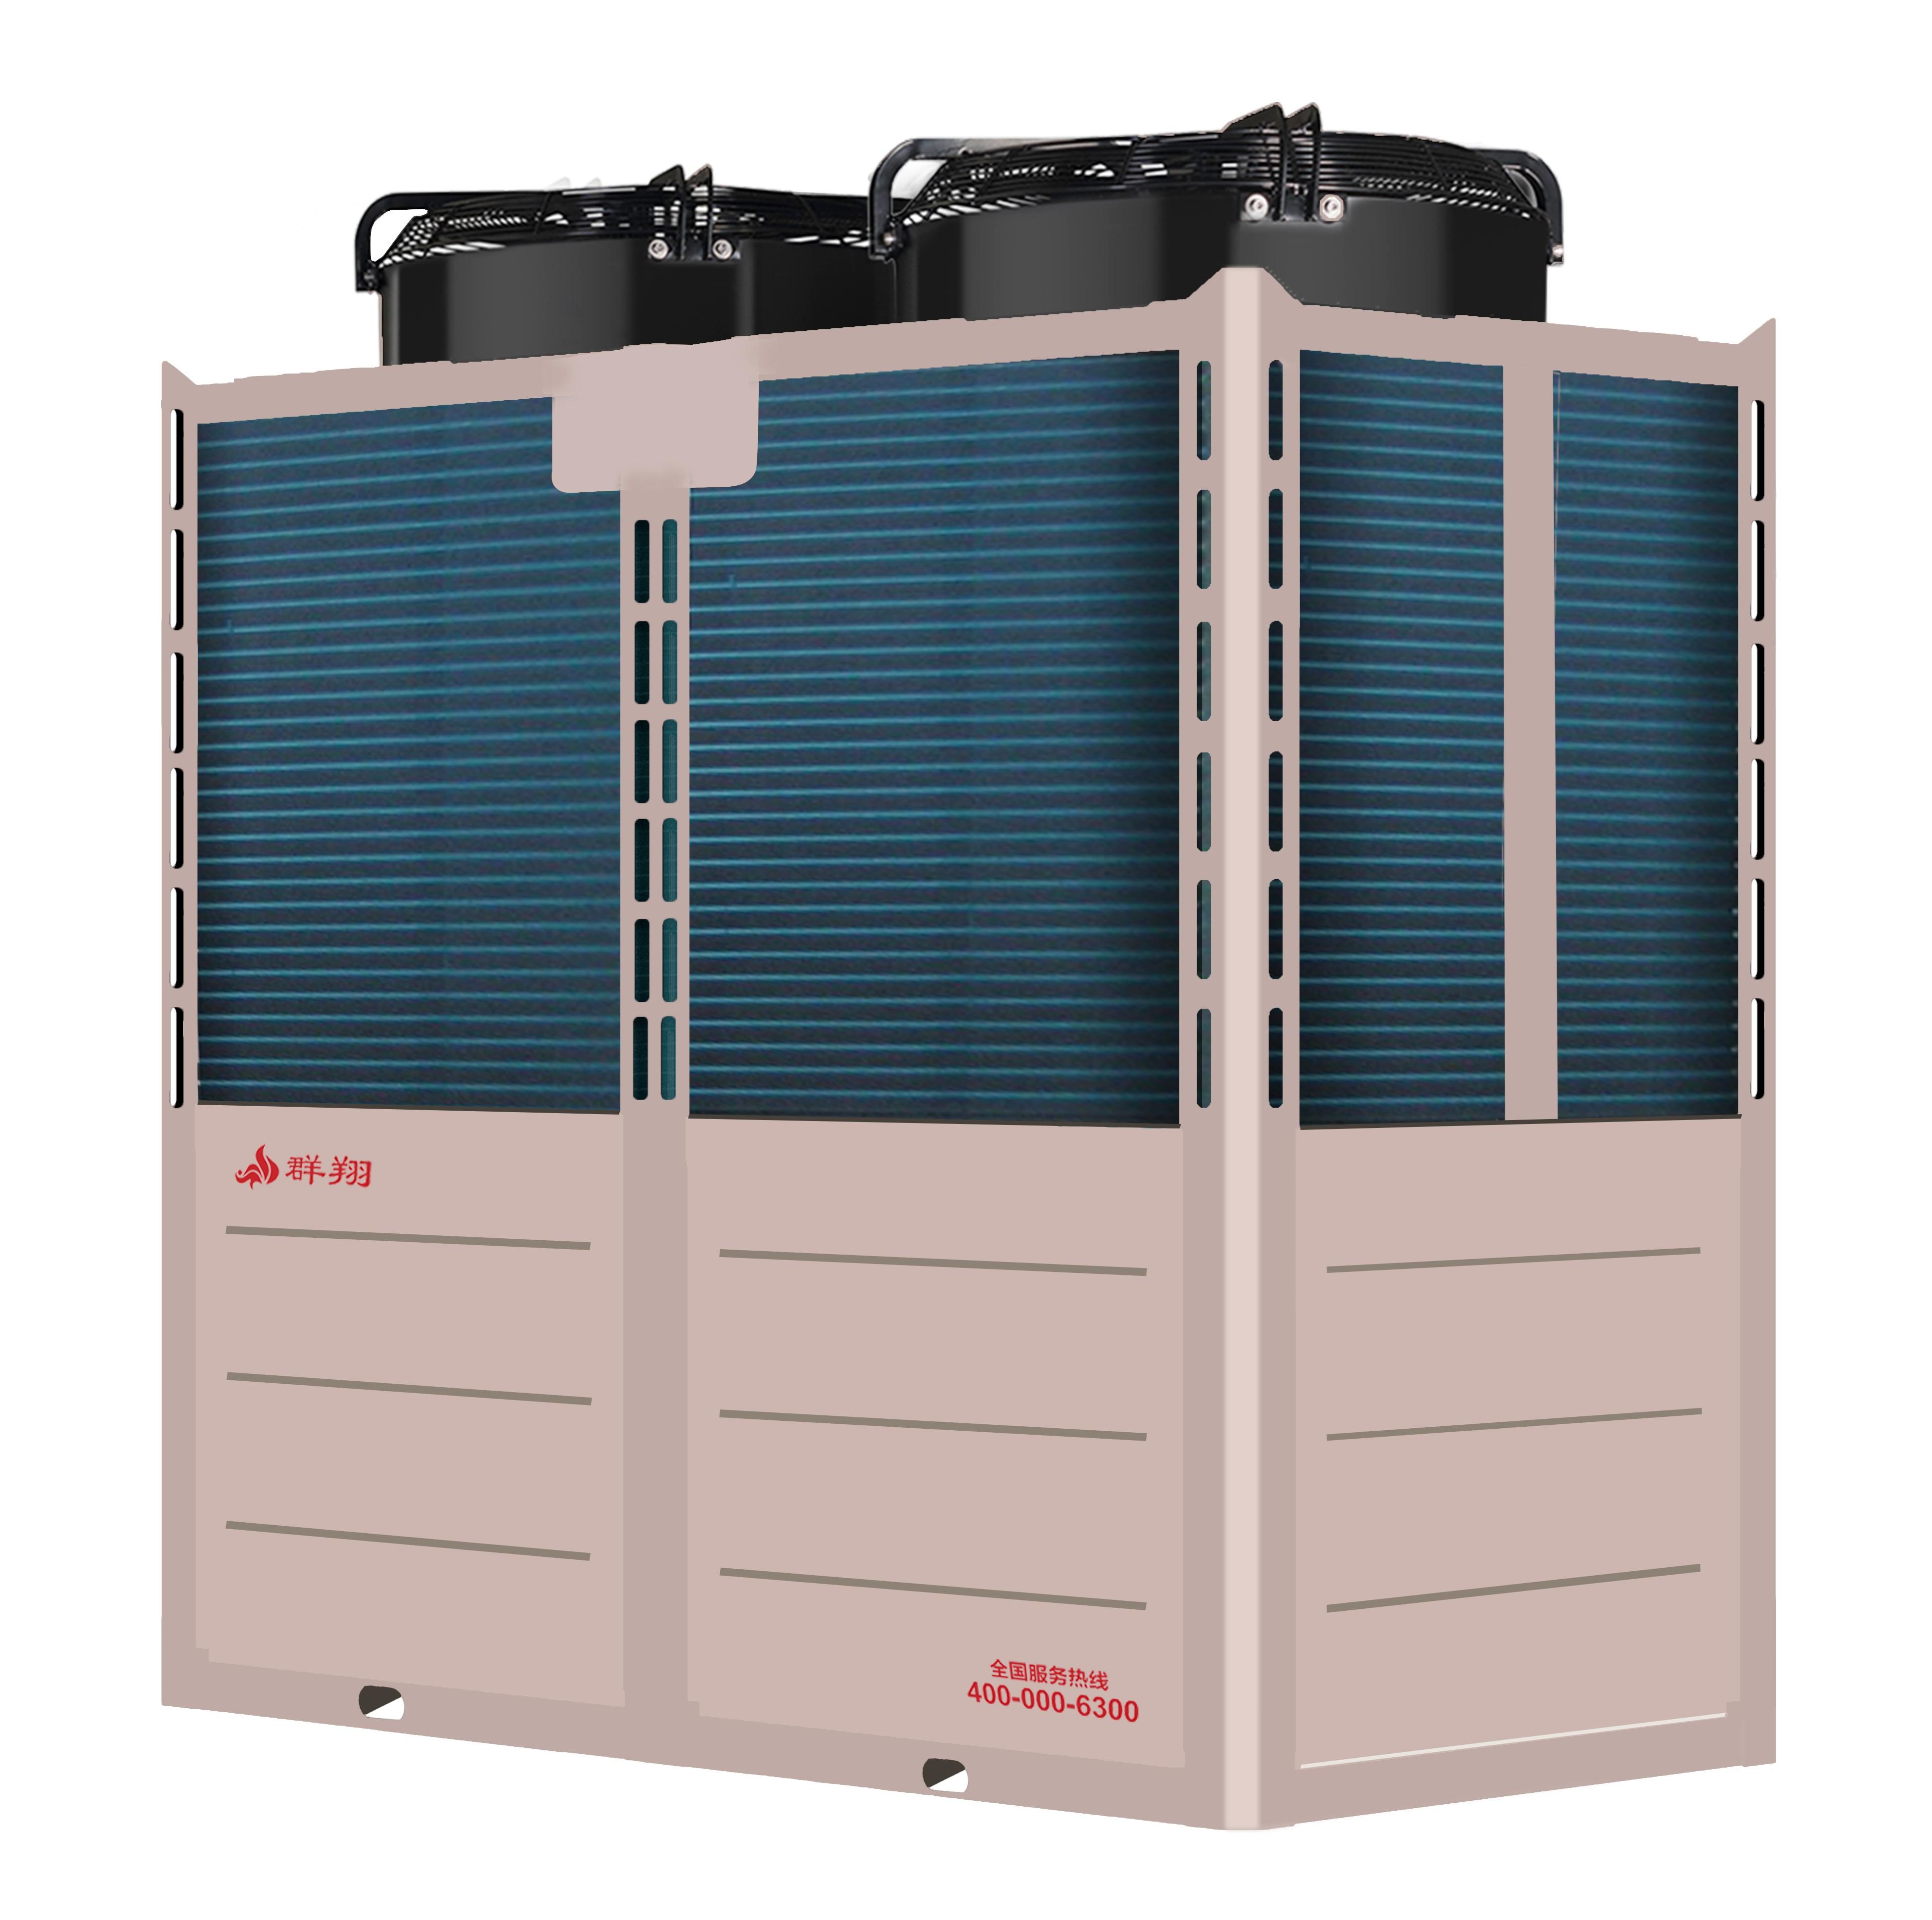 商用低温空气源热泵(冷水)机组